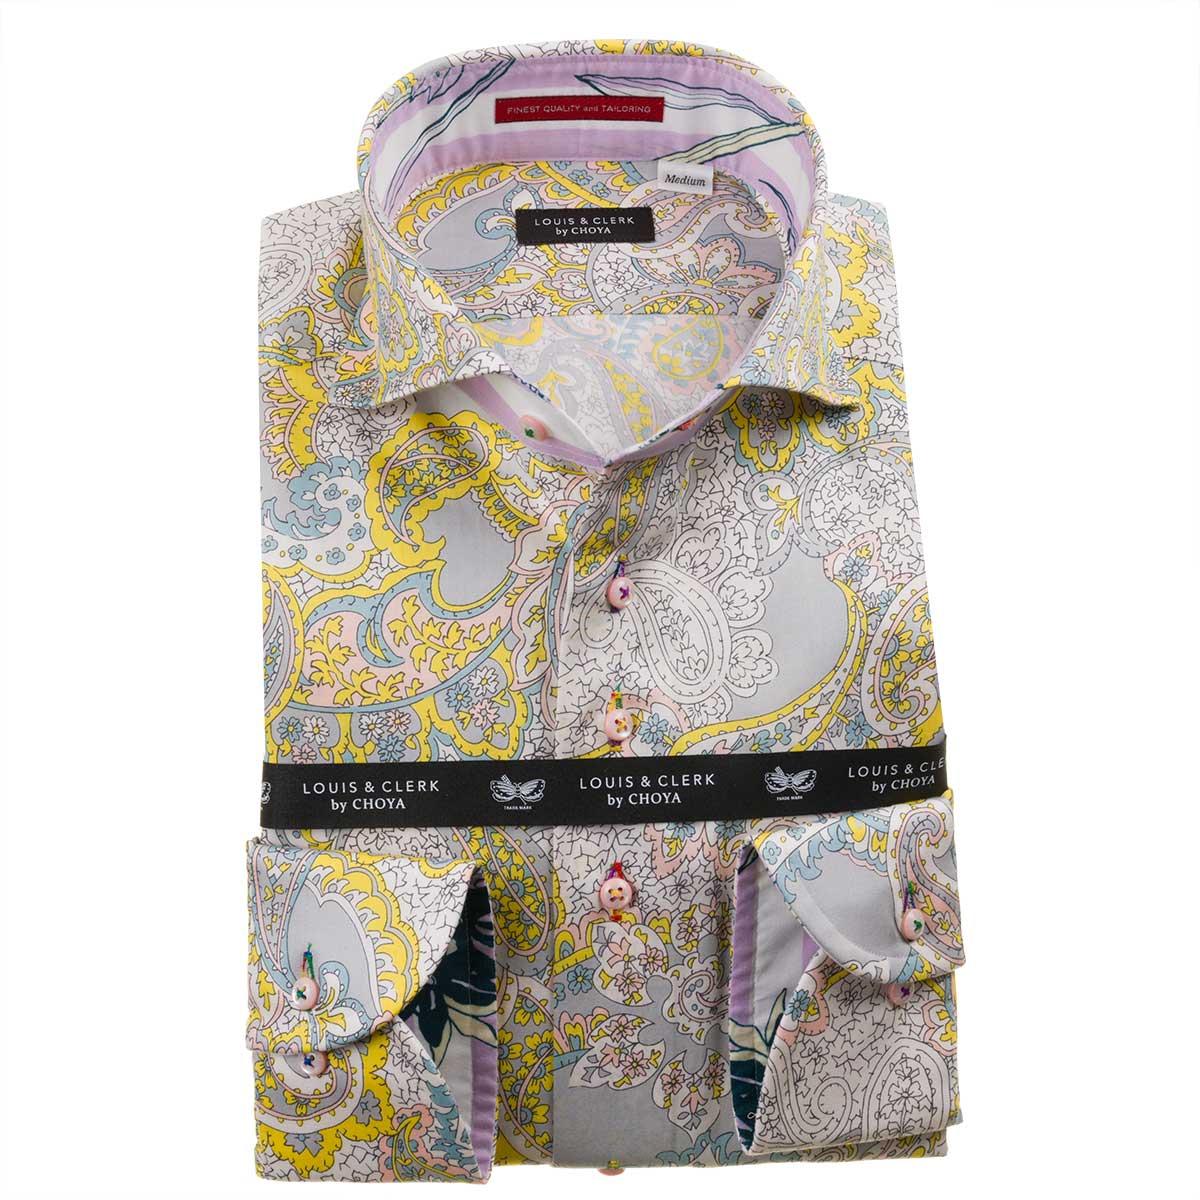 ドレスシャツ ワイシャツ シャツ メンズ 国産 長袖 綿100% コンフォート カッタウェイワイド ペイズリー総柄プリント イエロー ホワイト グレー 1912